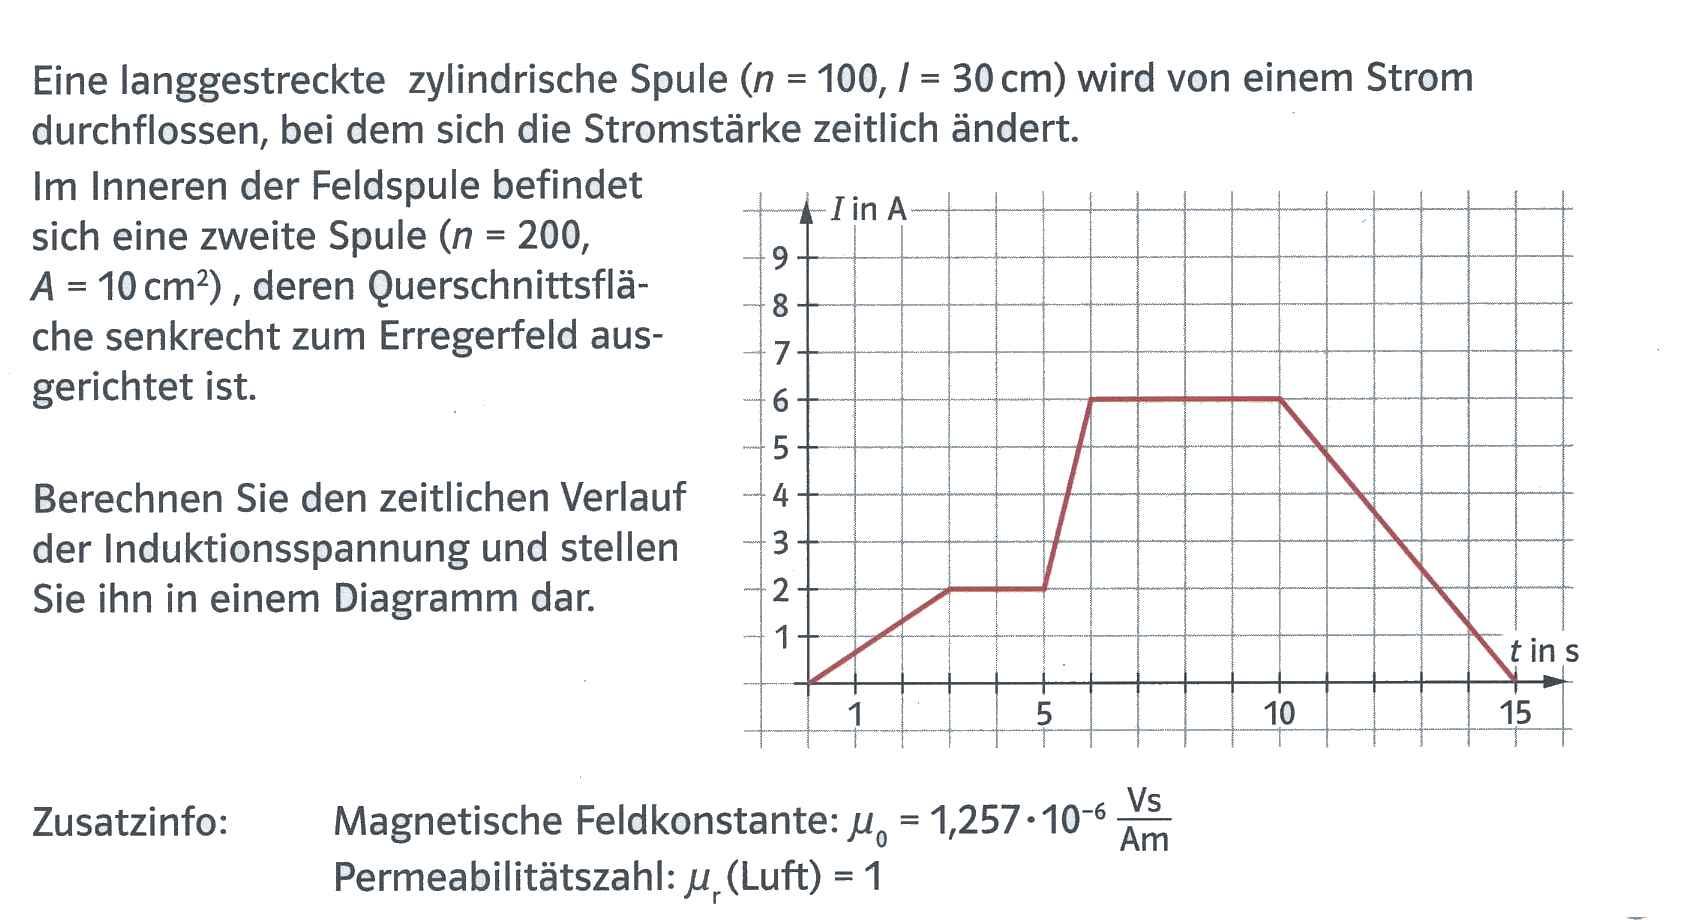 Niedlich Elektrodraht Stromstärke Diagramm Galerie - Die Besten ...